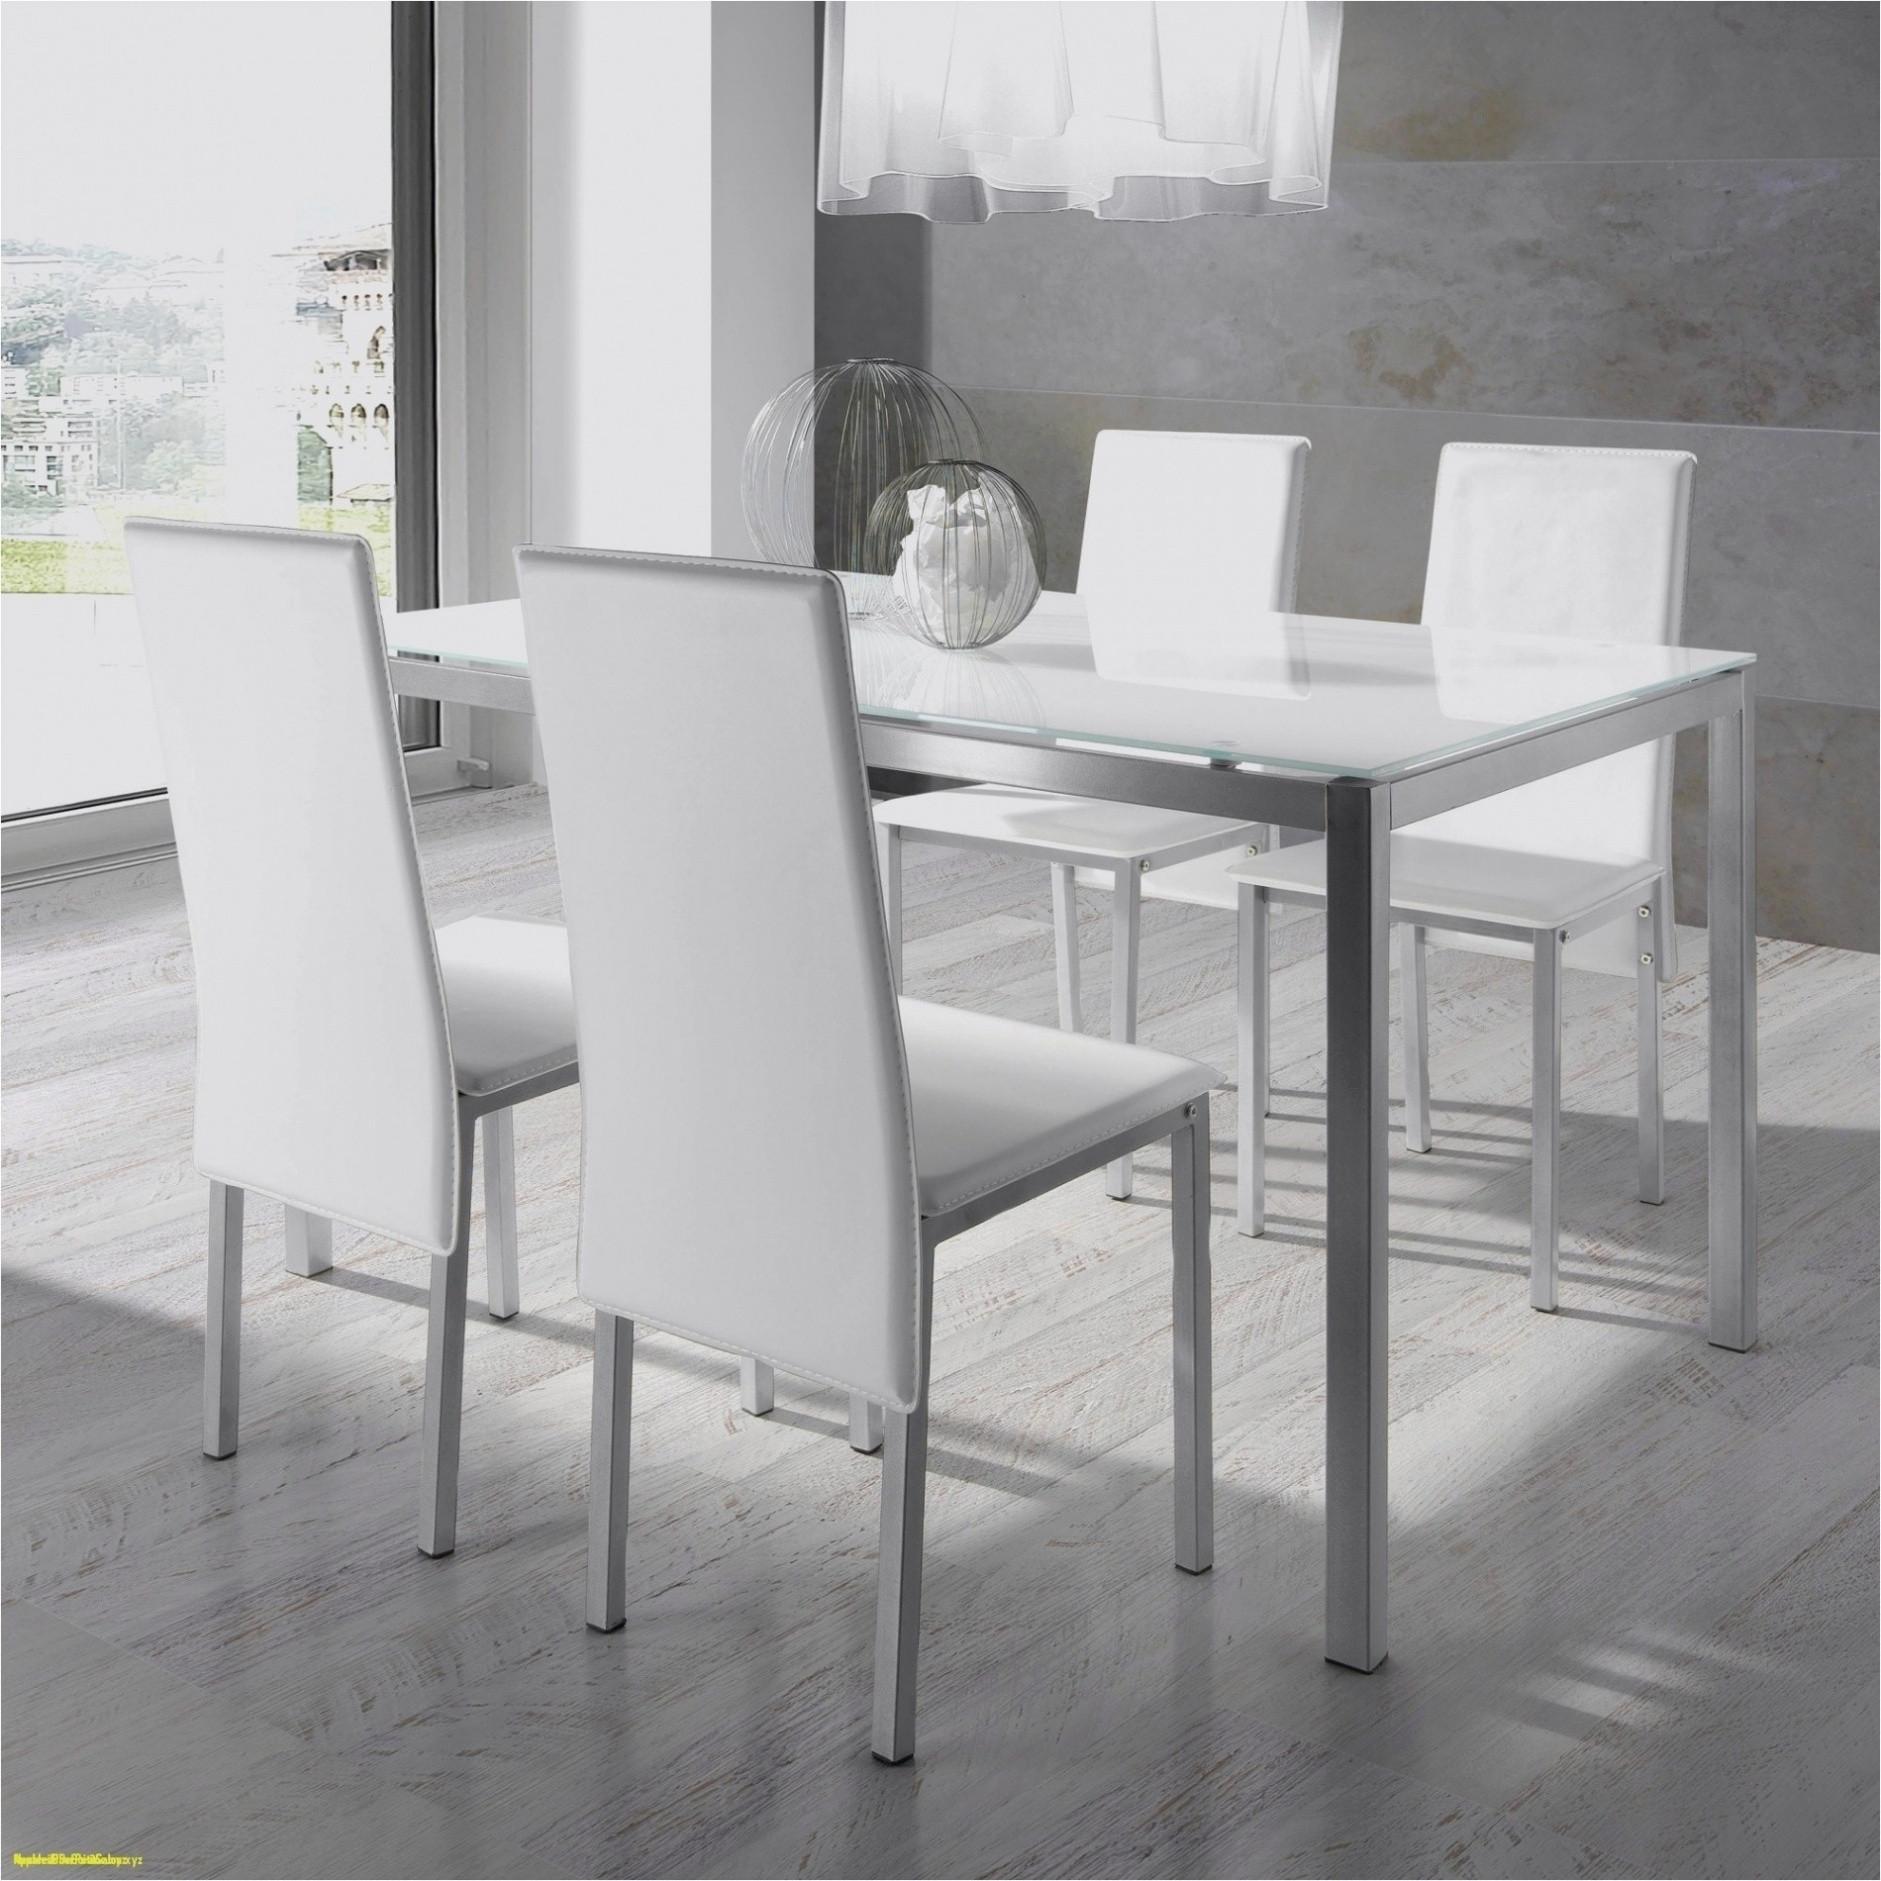 chaise table haute frais frais table haute but chaise ilot central alinea chaise 0d of chaise table haute